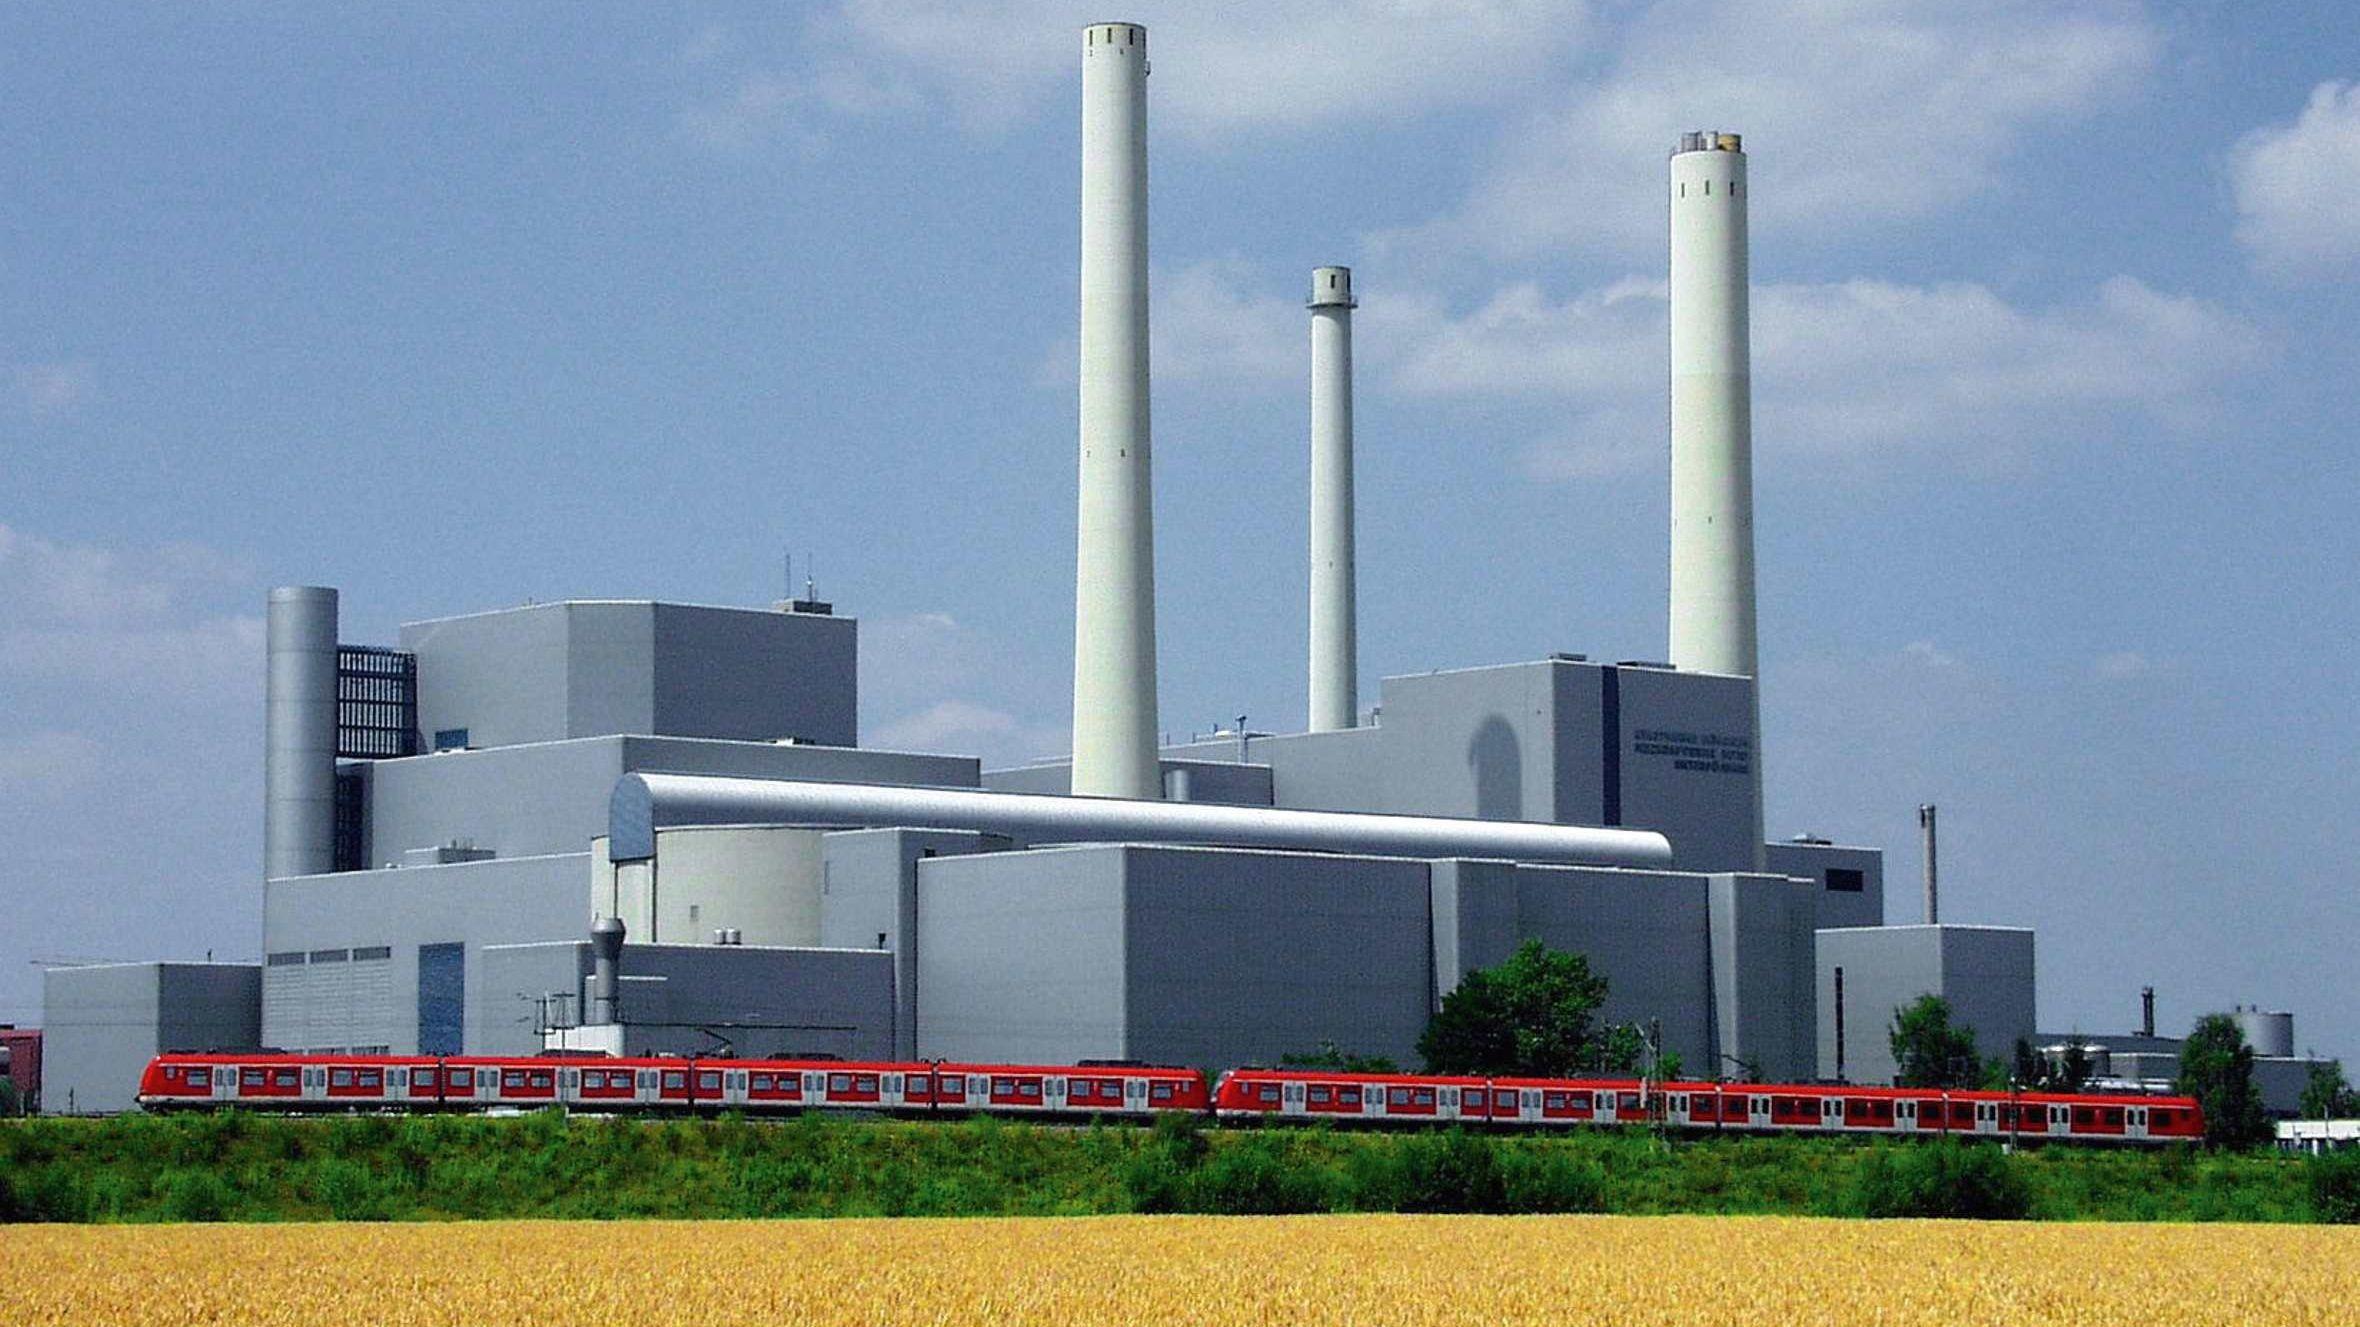 Heizkraftwerk München Nord im Sommer. Im Vordergrund fährt eine S-Bahn. Ein Getreidefeld ist im Vordergrund.